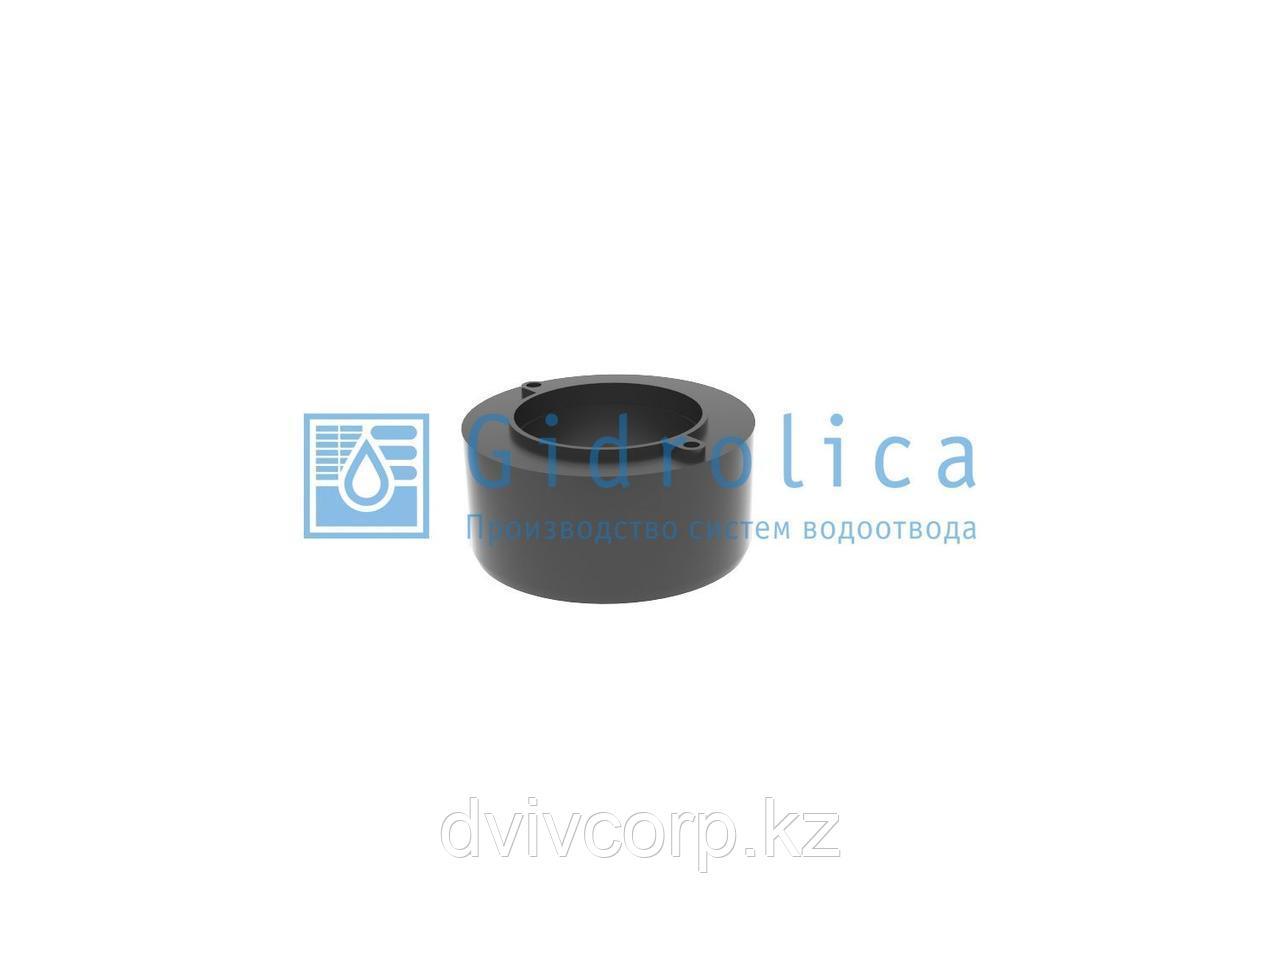 Арт. 18062 Переходник для лотка водоотводного Gidrolica Light, пластиковый